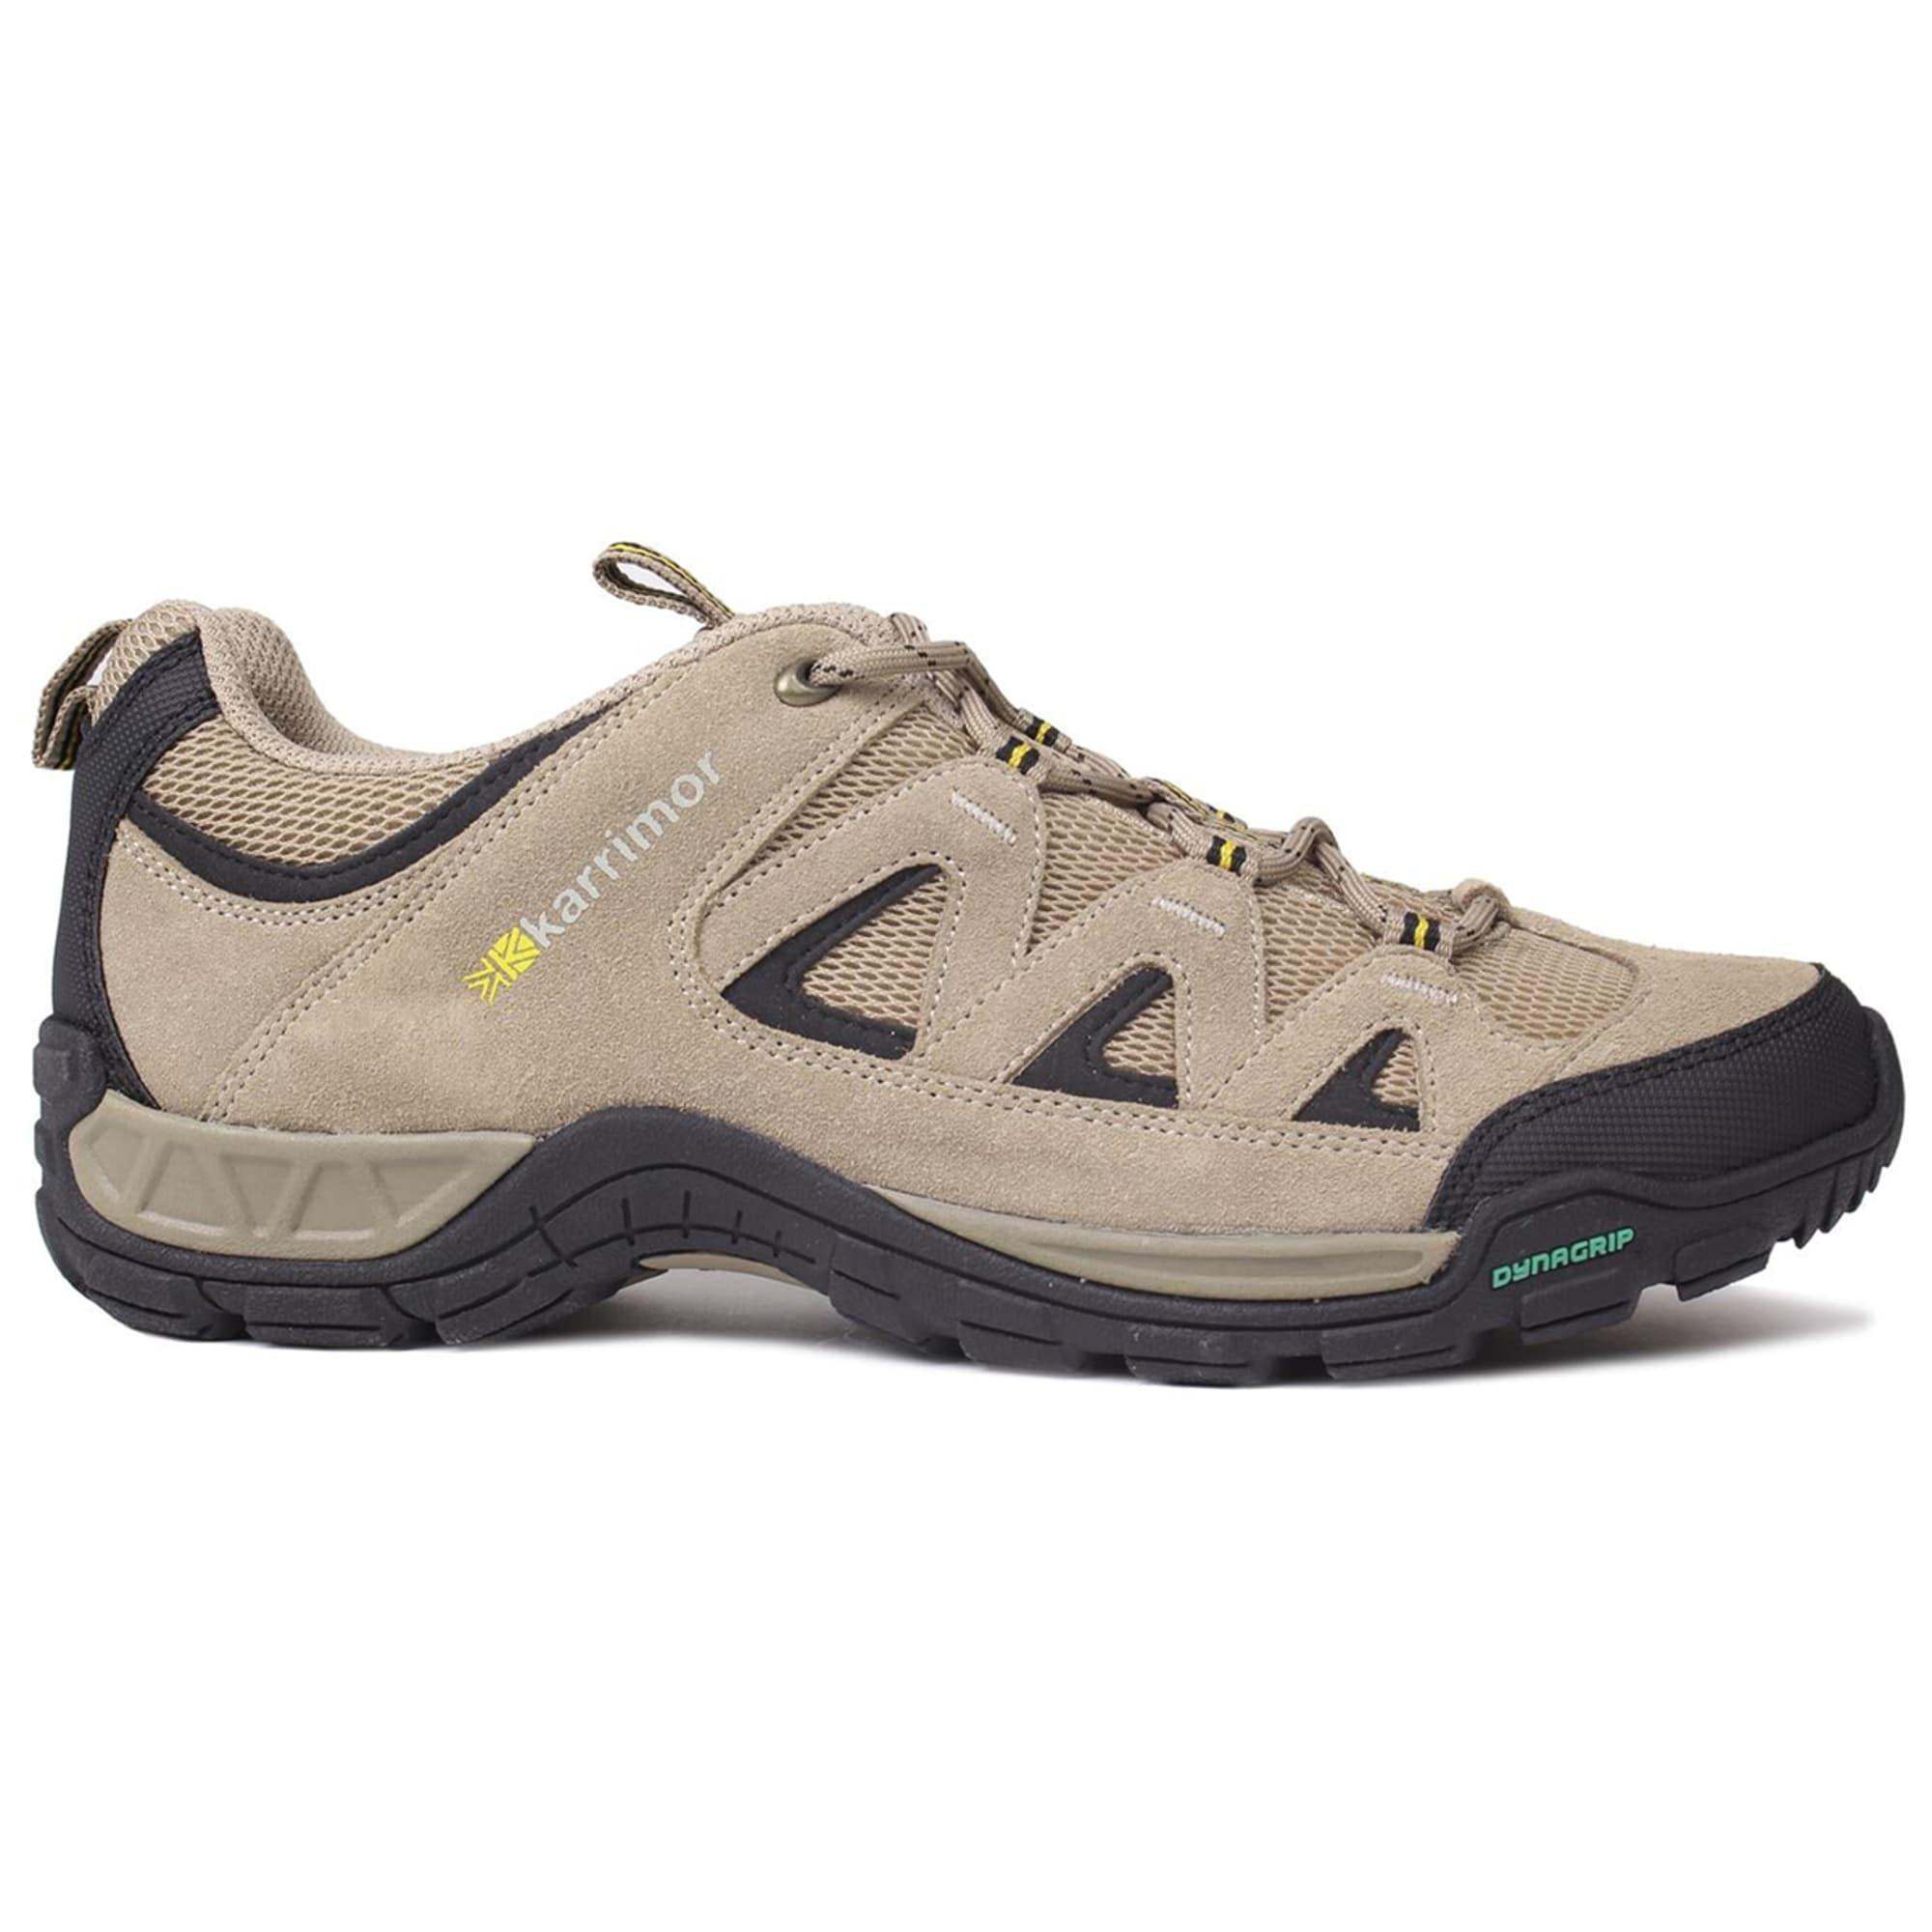 KARRIMOR Men's Summit Low Hiking Shoes